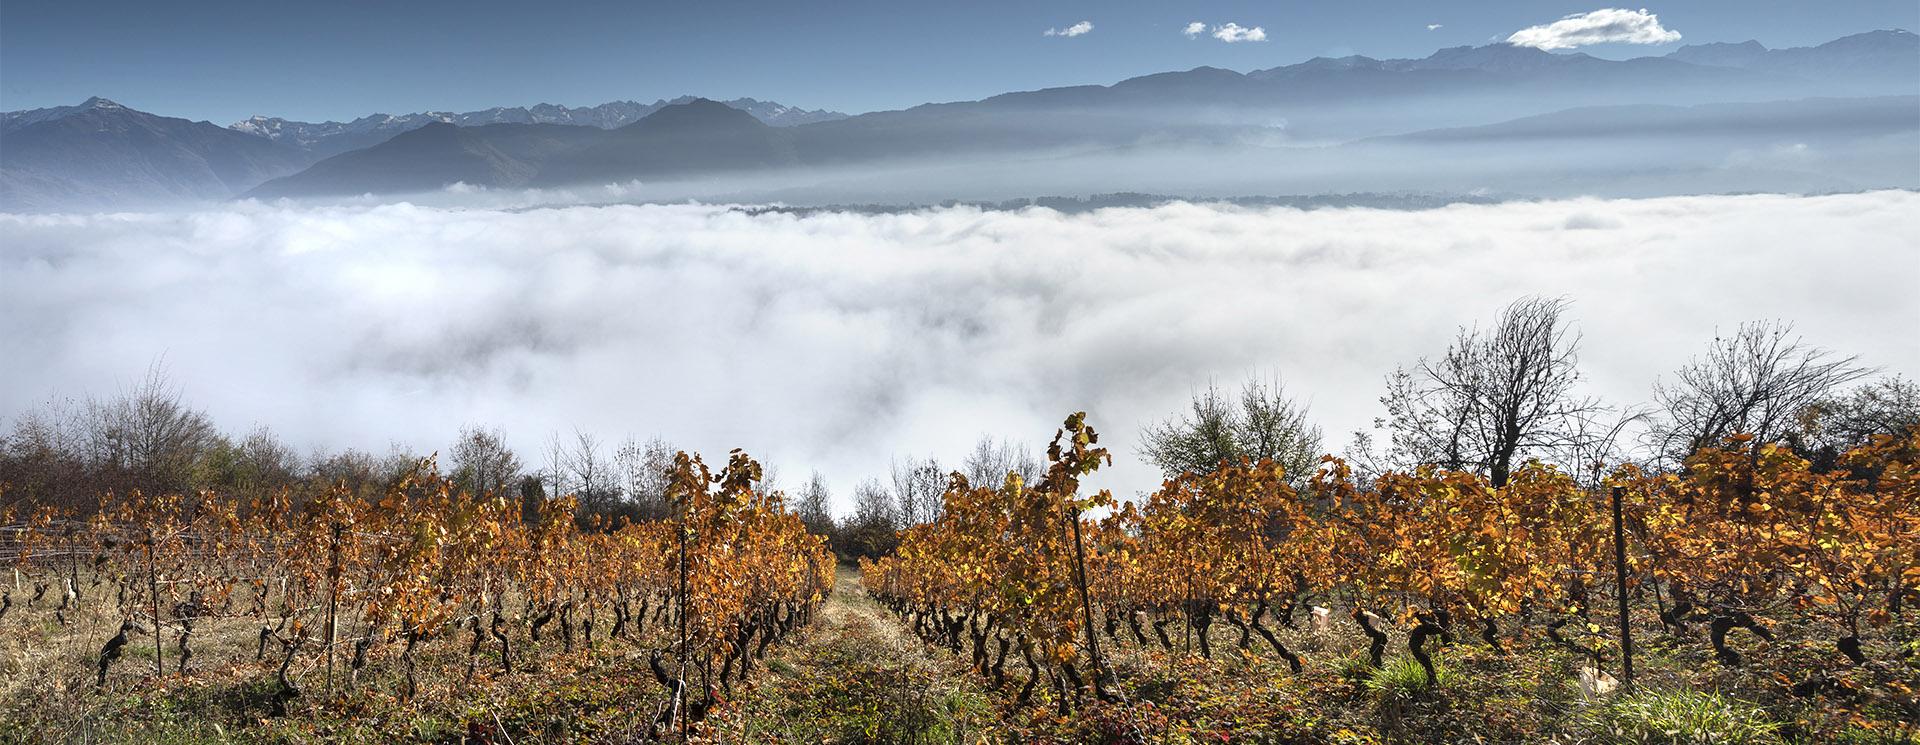 Viamo - Nicolas Ferrand - Domaines des Côtes Rousses